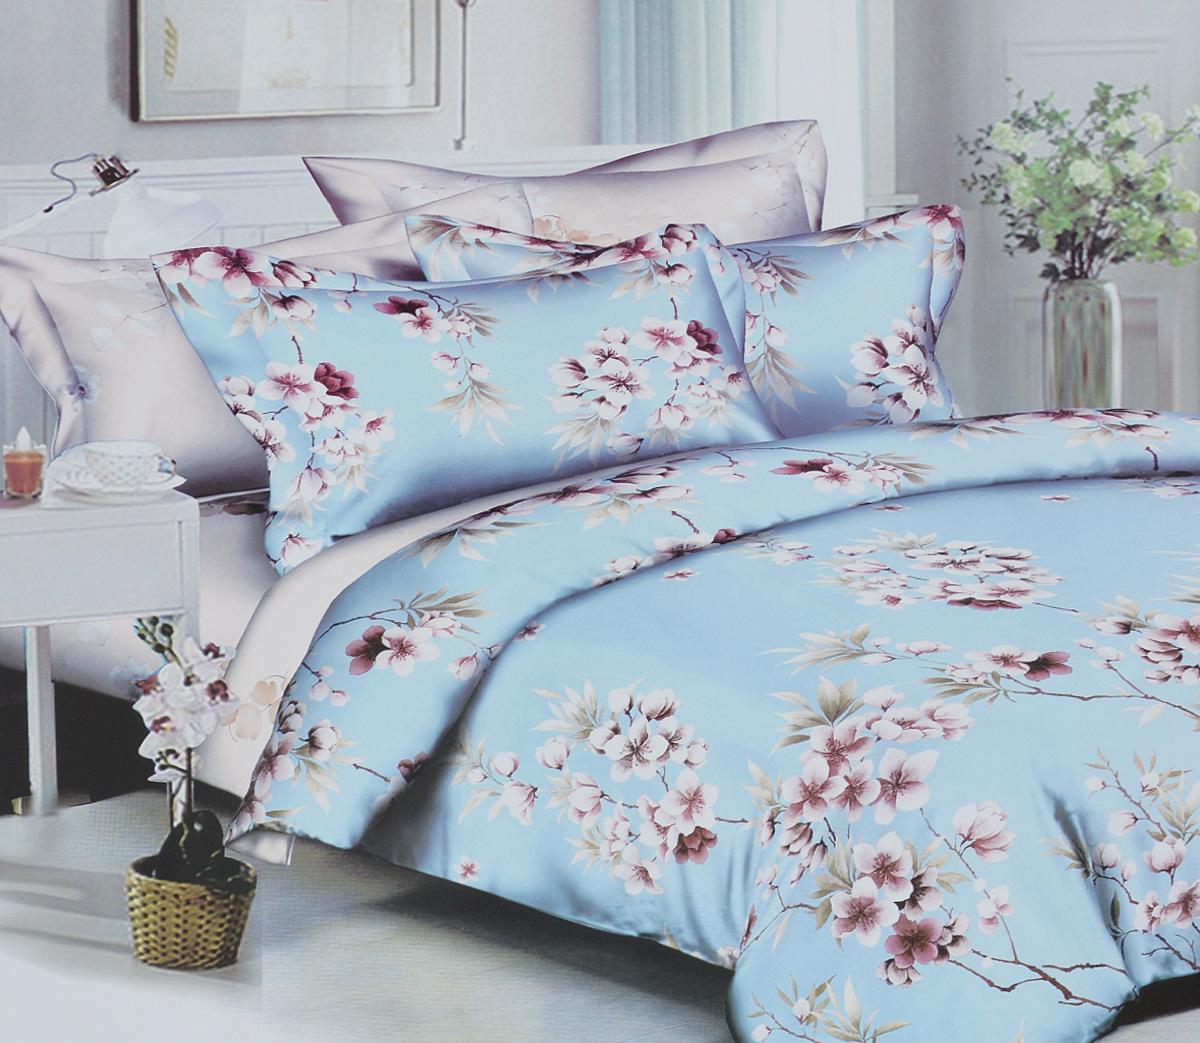 Комплект белья Primavera Classic Полевые цветы, 1,5-спальный, наволочки 70х7088772Комплект постельного белья Primavera Classic Полевые цветы является экологически безопасным для всей семьи, так как выполнен из высококачественного сатина (100% хлопка). Комплект состоит из пододеяльника на молнии, простыни и двух наволочек. Постельное белье оформлено ярким рисунком цветов и имеет изысканный внешний вид. Сатин - производится из высших сортов хлопка, а своим блеском и легкостью напоминает шелк. Постельное белье из сатина превращает жаркие летние ночи в прохладные и освежающие, а холодные зимние - в теплые и согревающие. Приобретая комплект постельного белья Primavera Classic Полевые цветы, вы можете быть уверенны в том, что покупка доставит вам и вашим близким удовольствие и подарит максимальный комфорт.